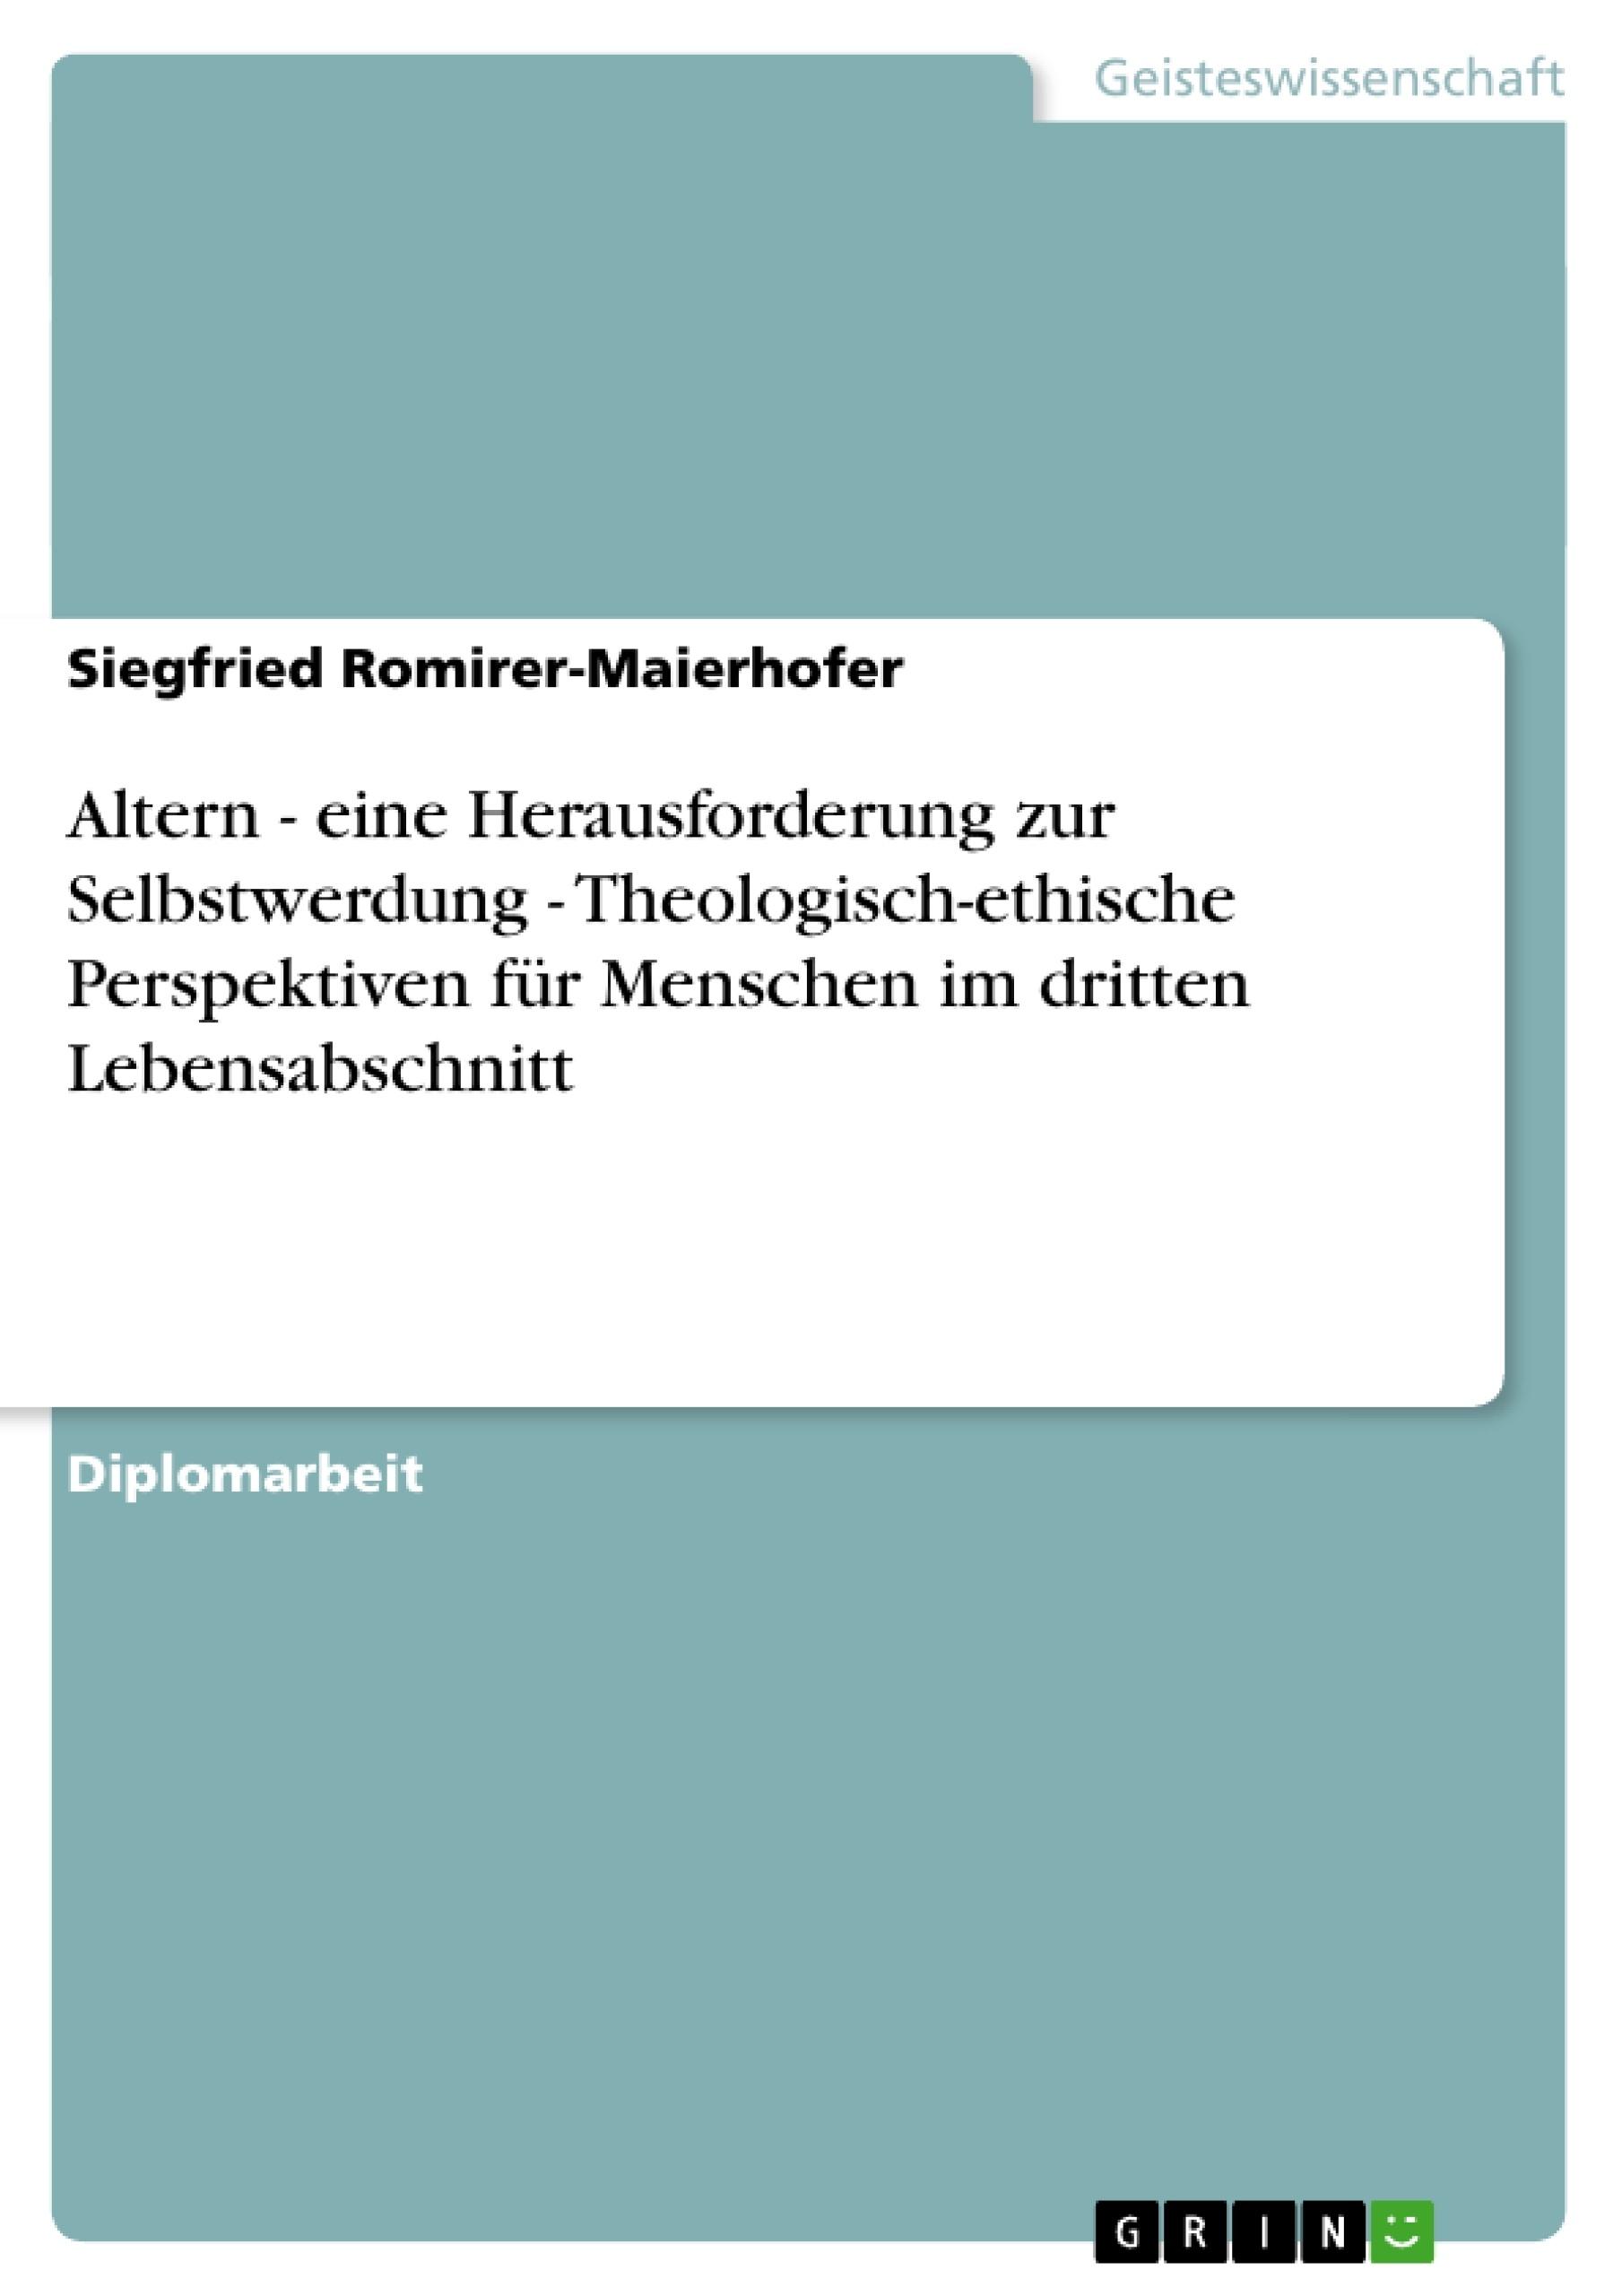 Titel: Altern - eine Herausforderung zur Selbstwerdung - Theologisch-ethische Perspektiven für Menschen im dritten Lebensabschnitt